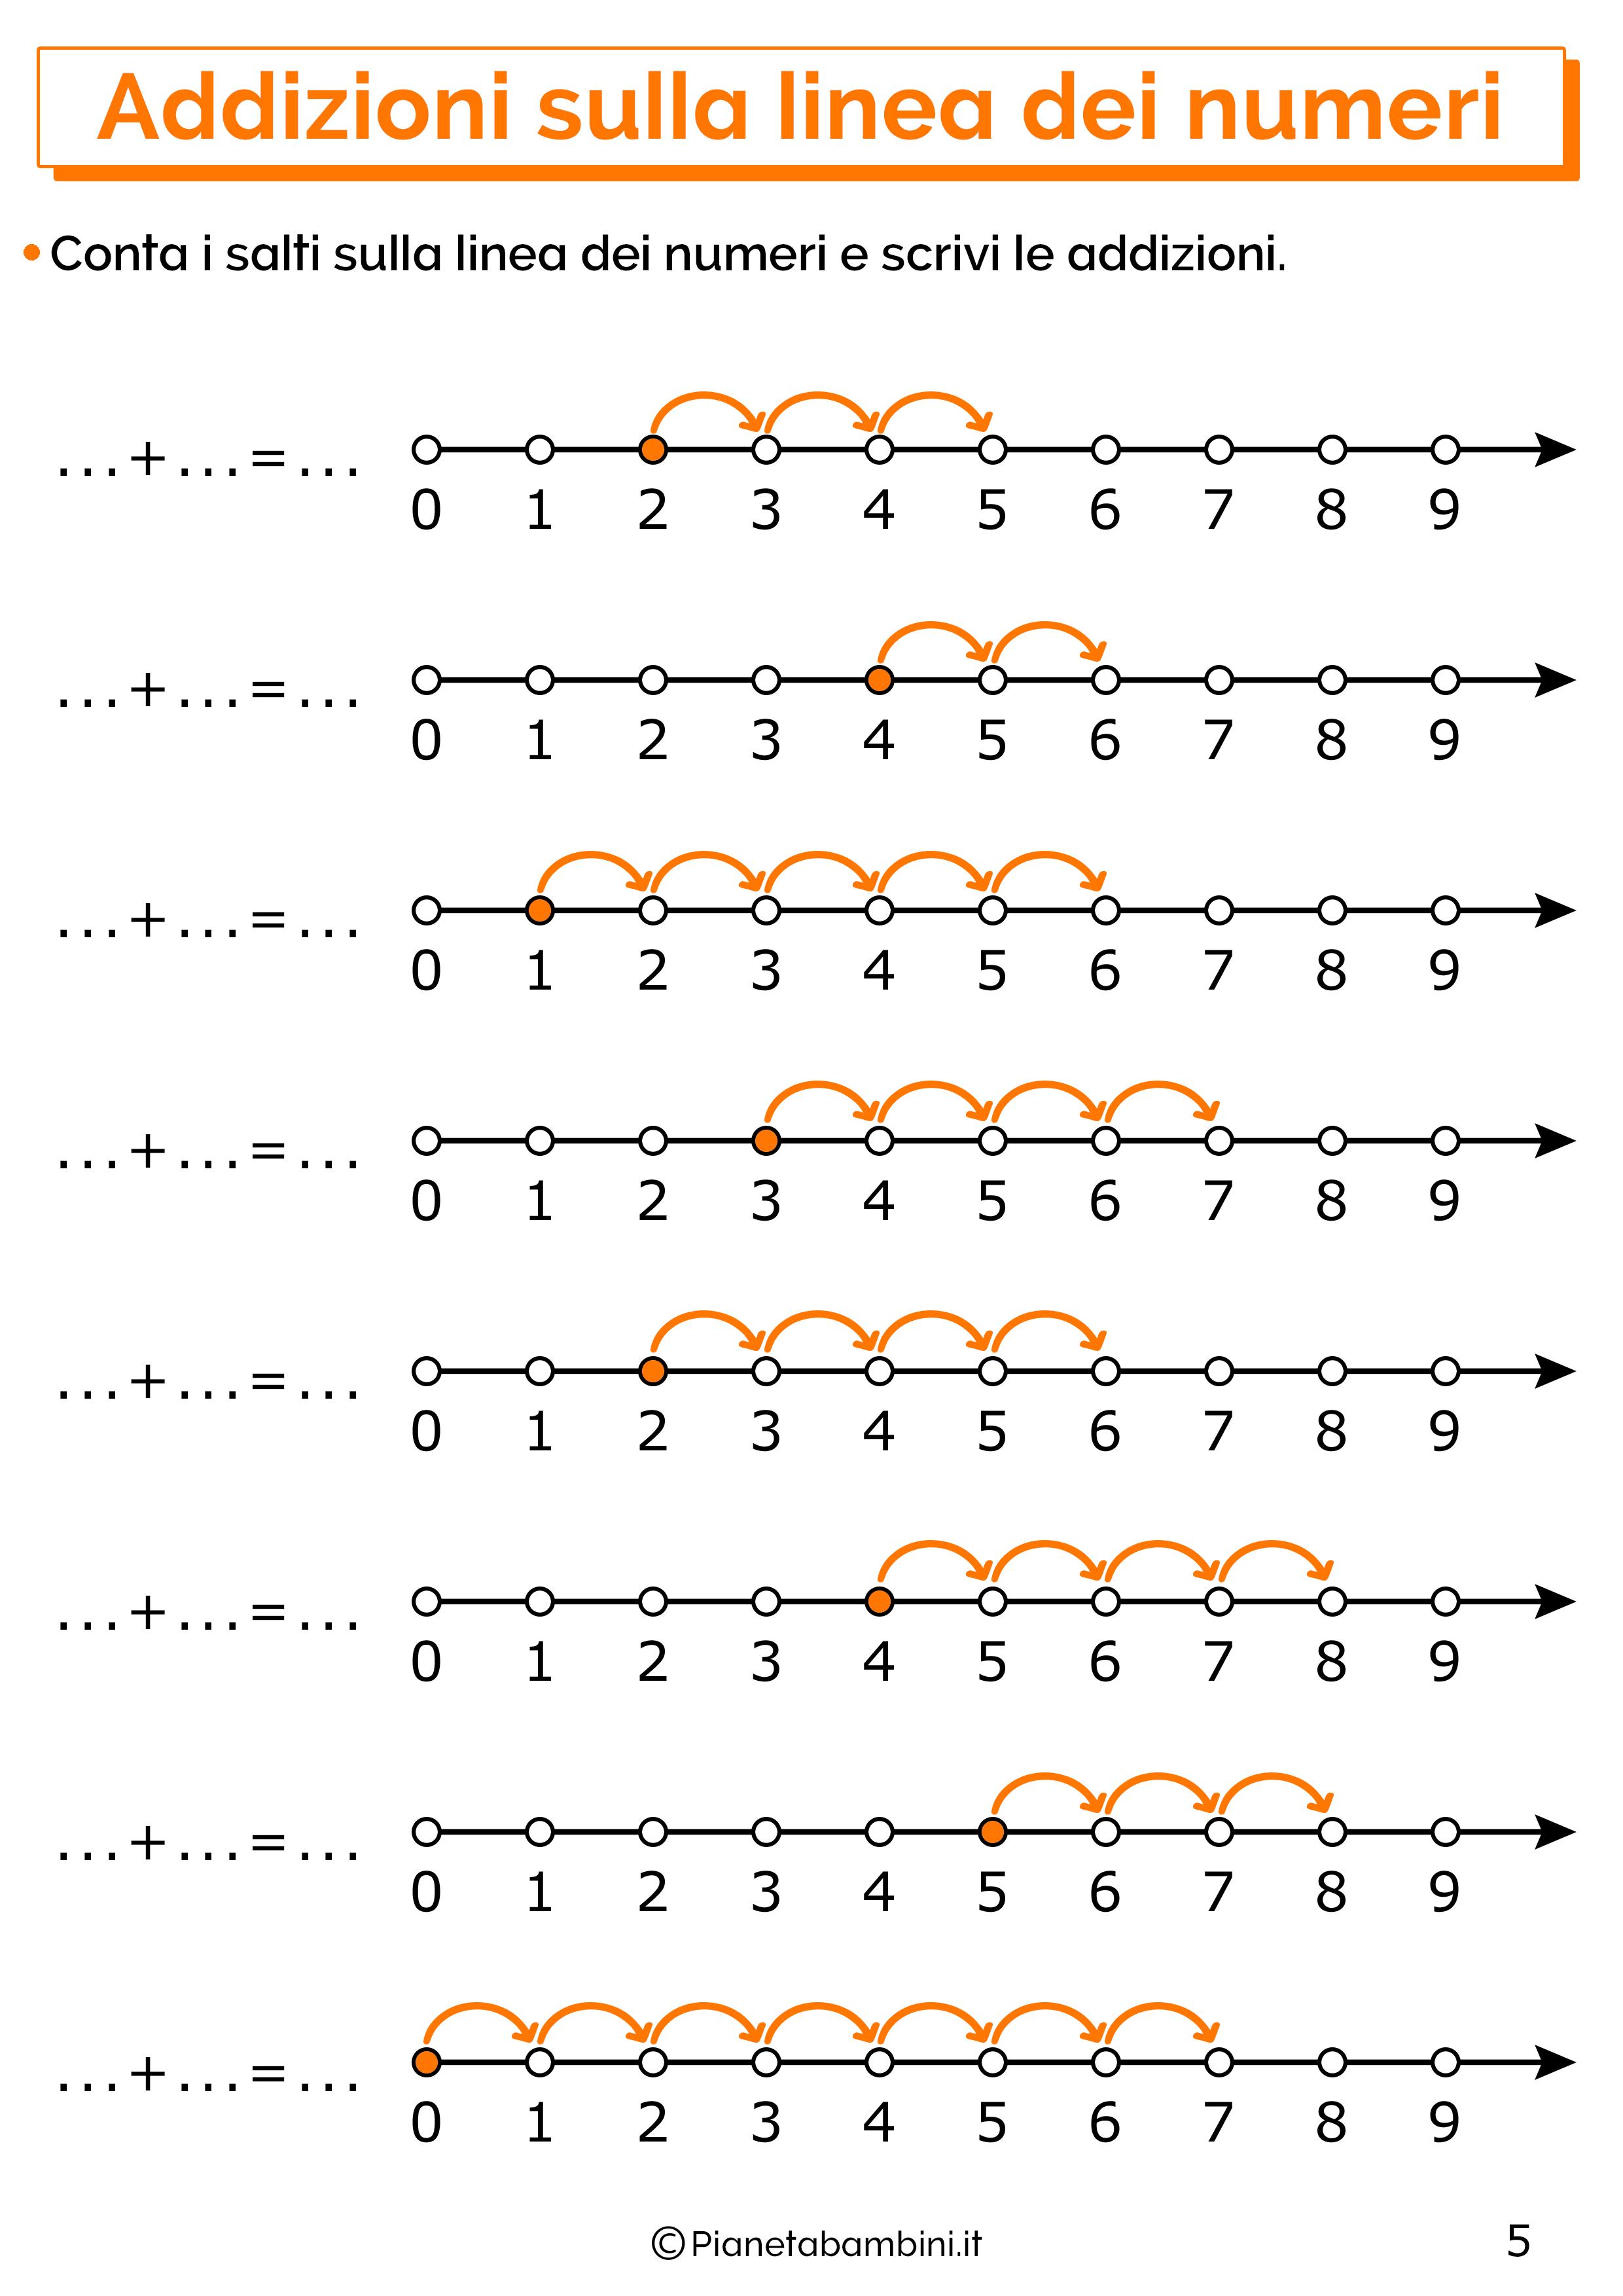 Esercizi con addizioni sulla linea dei numeri 05